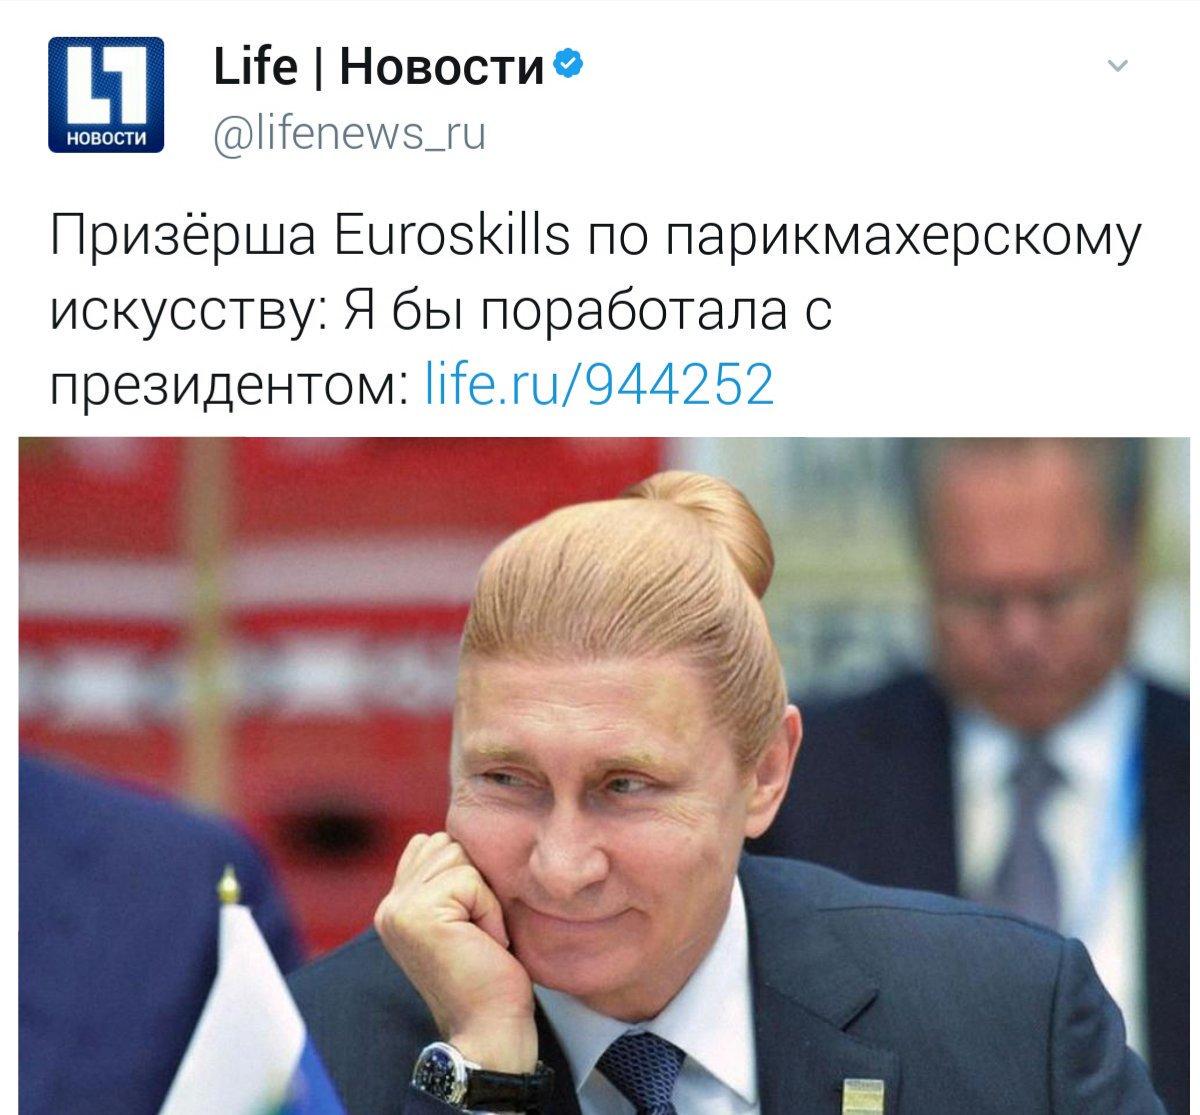 ЕС продлит санкции против России после 15 декабря, - Reuters - Цензор.НЕТ 9189